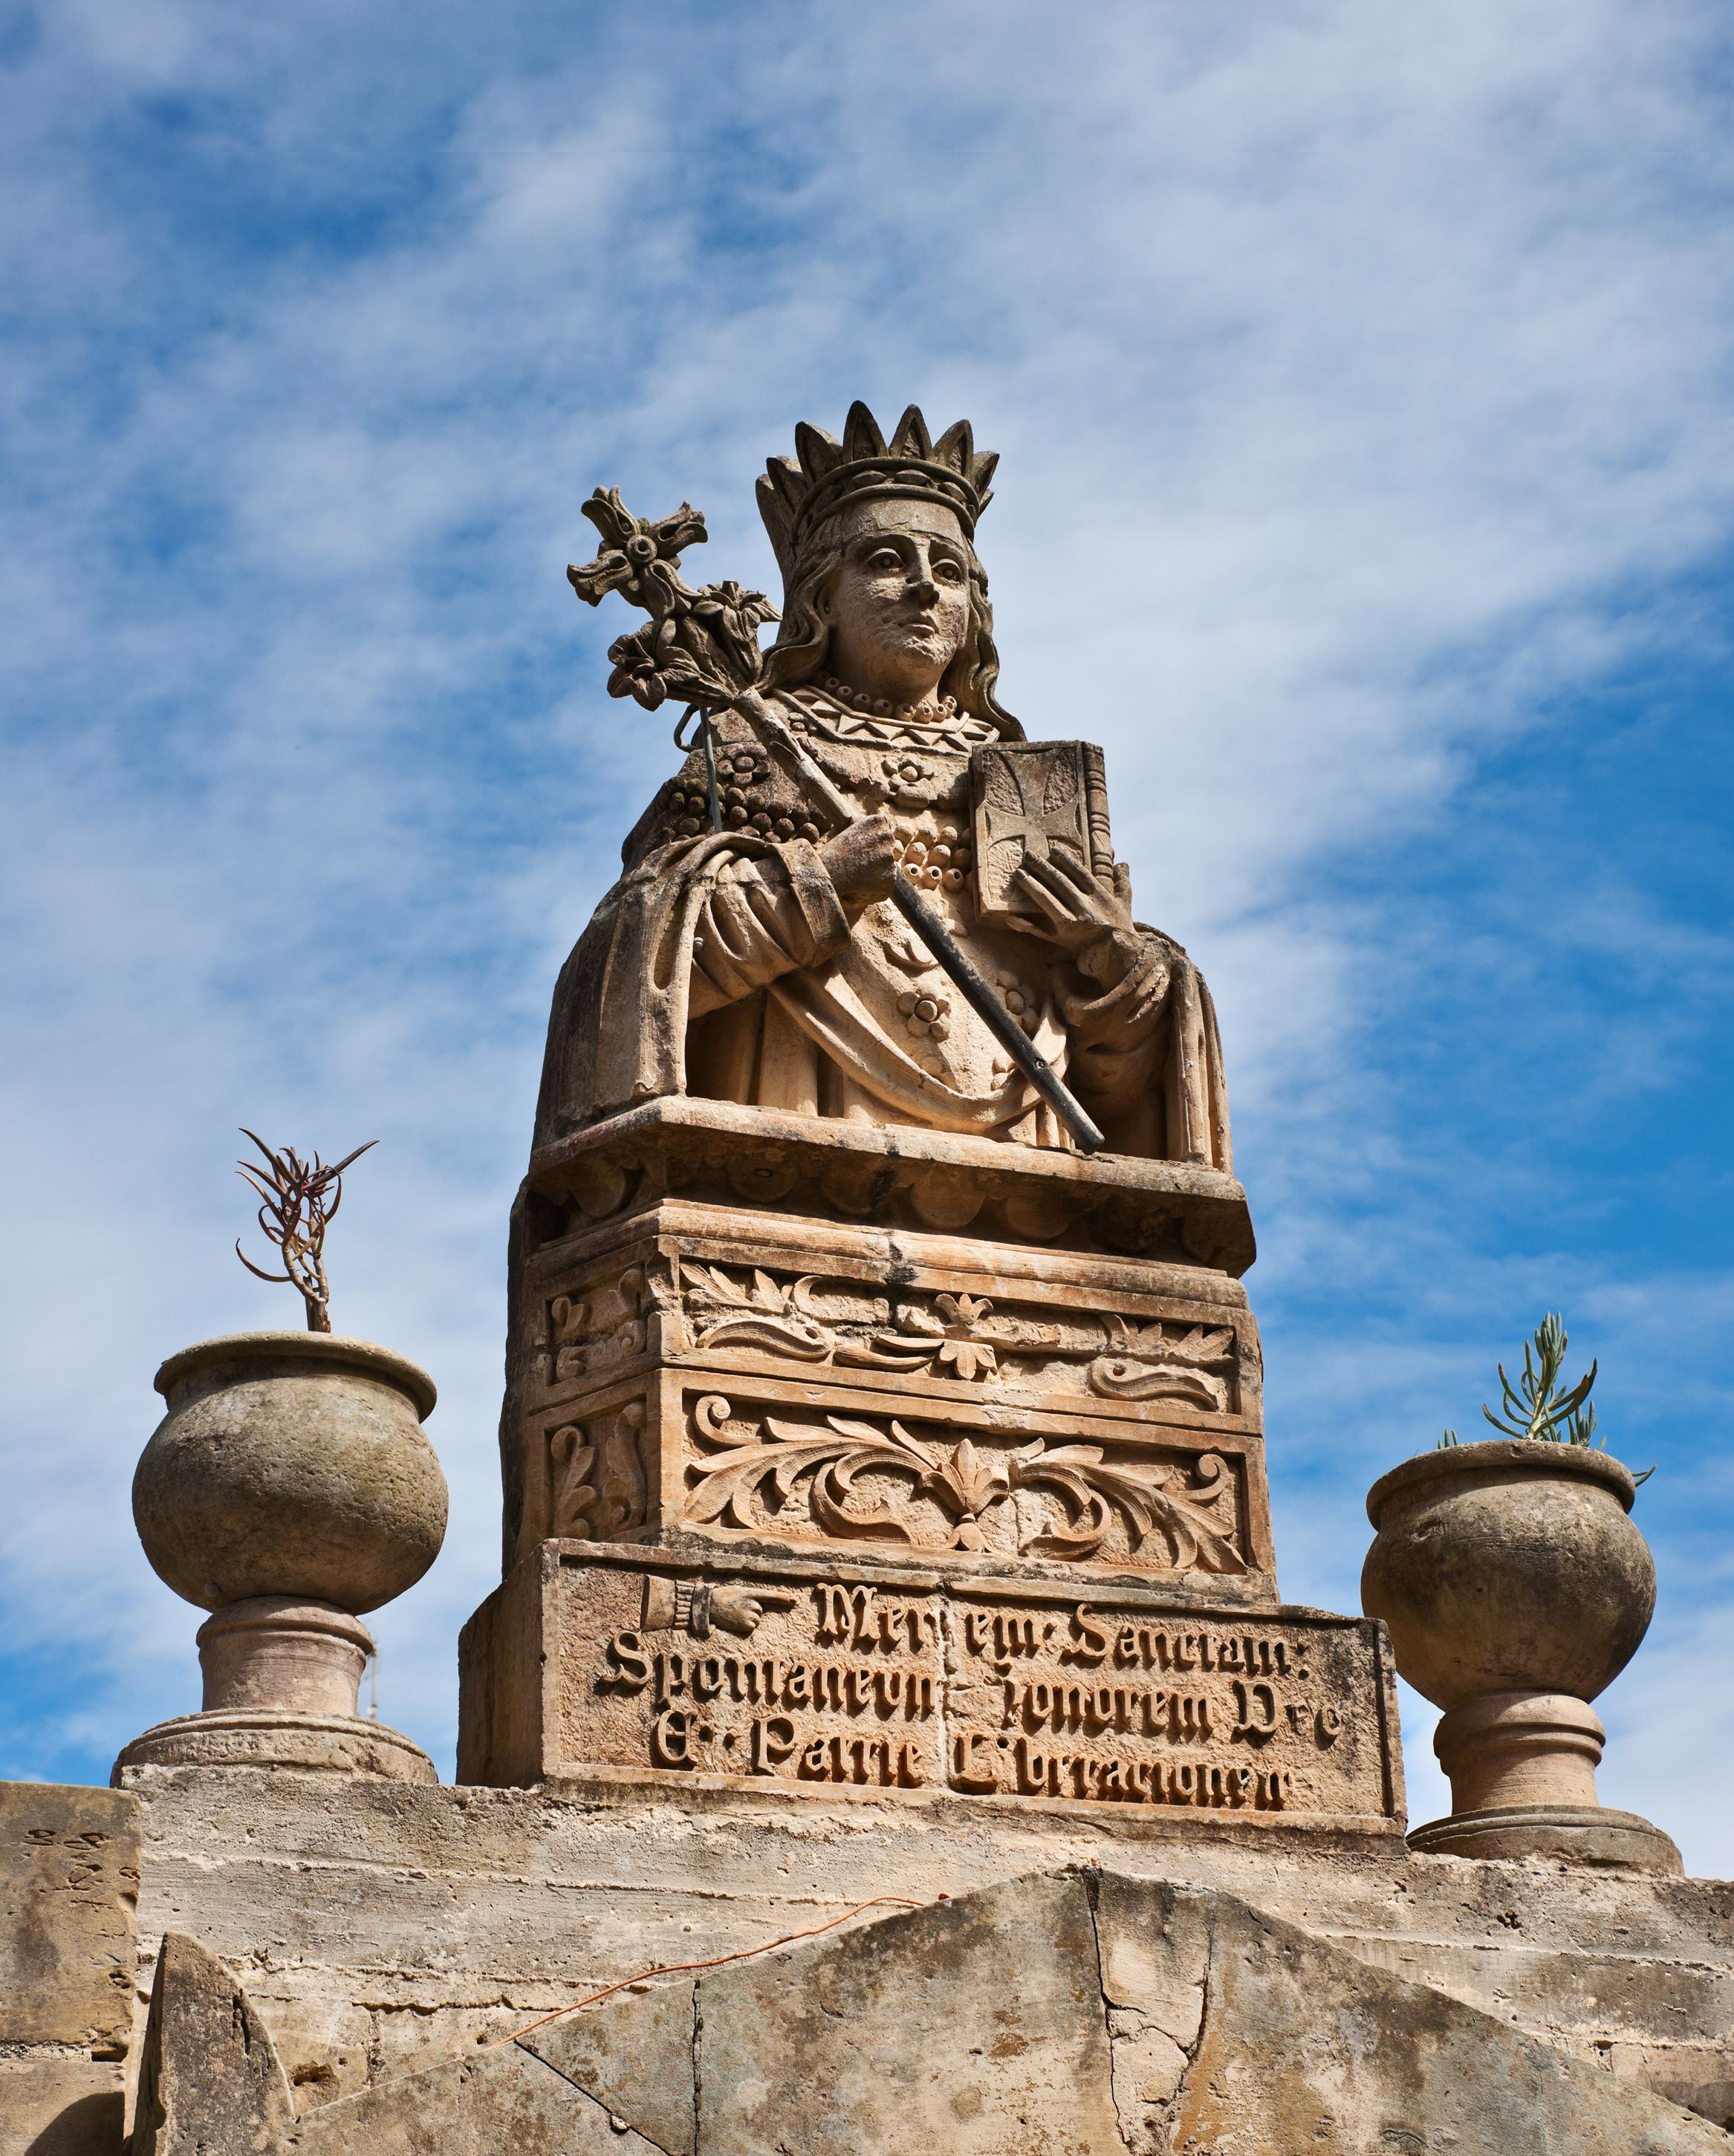 Sigue la herencia católica de San Pablo - Malta Circuito Maravillas de Malta